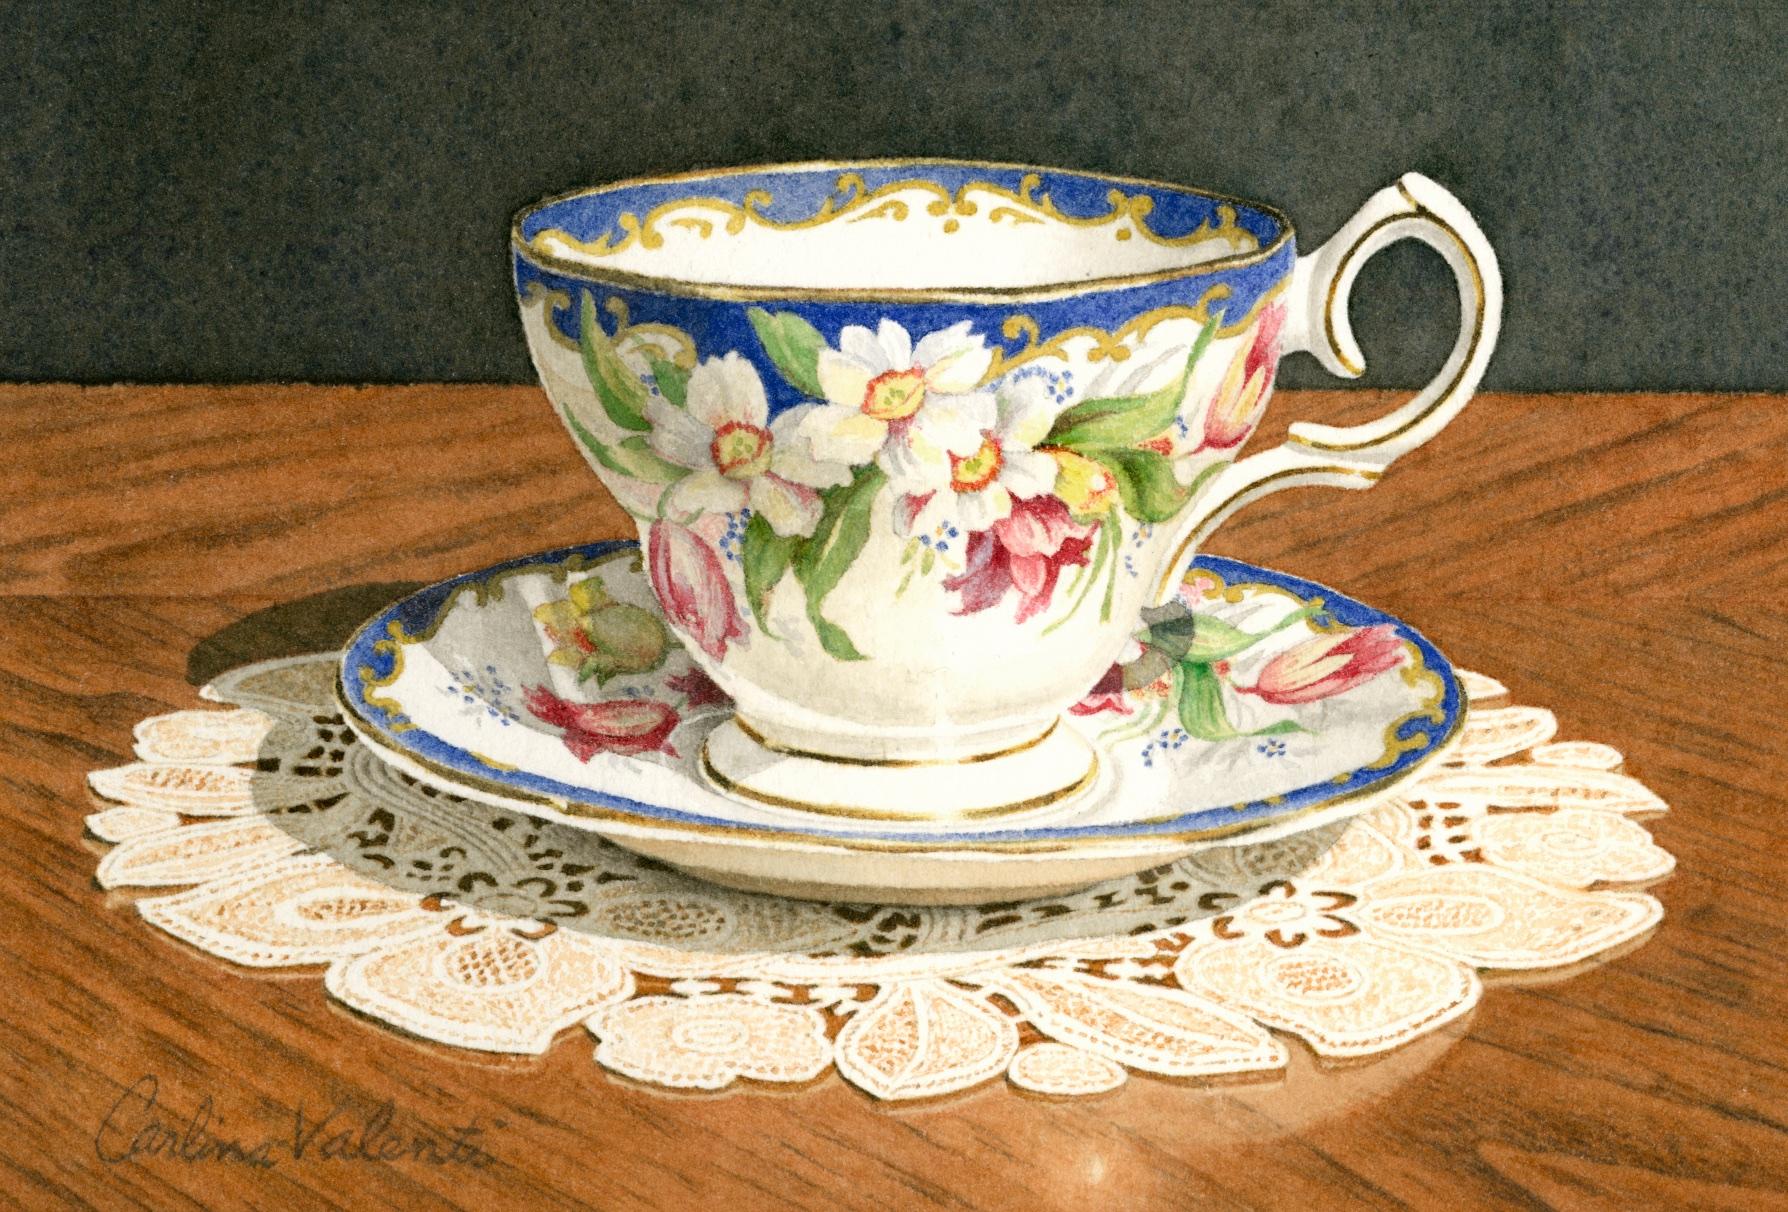 Floral Teacup 1